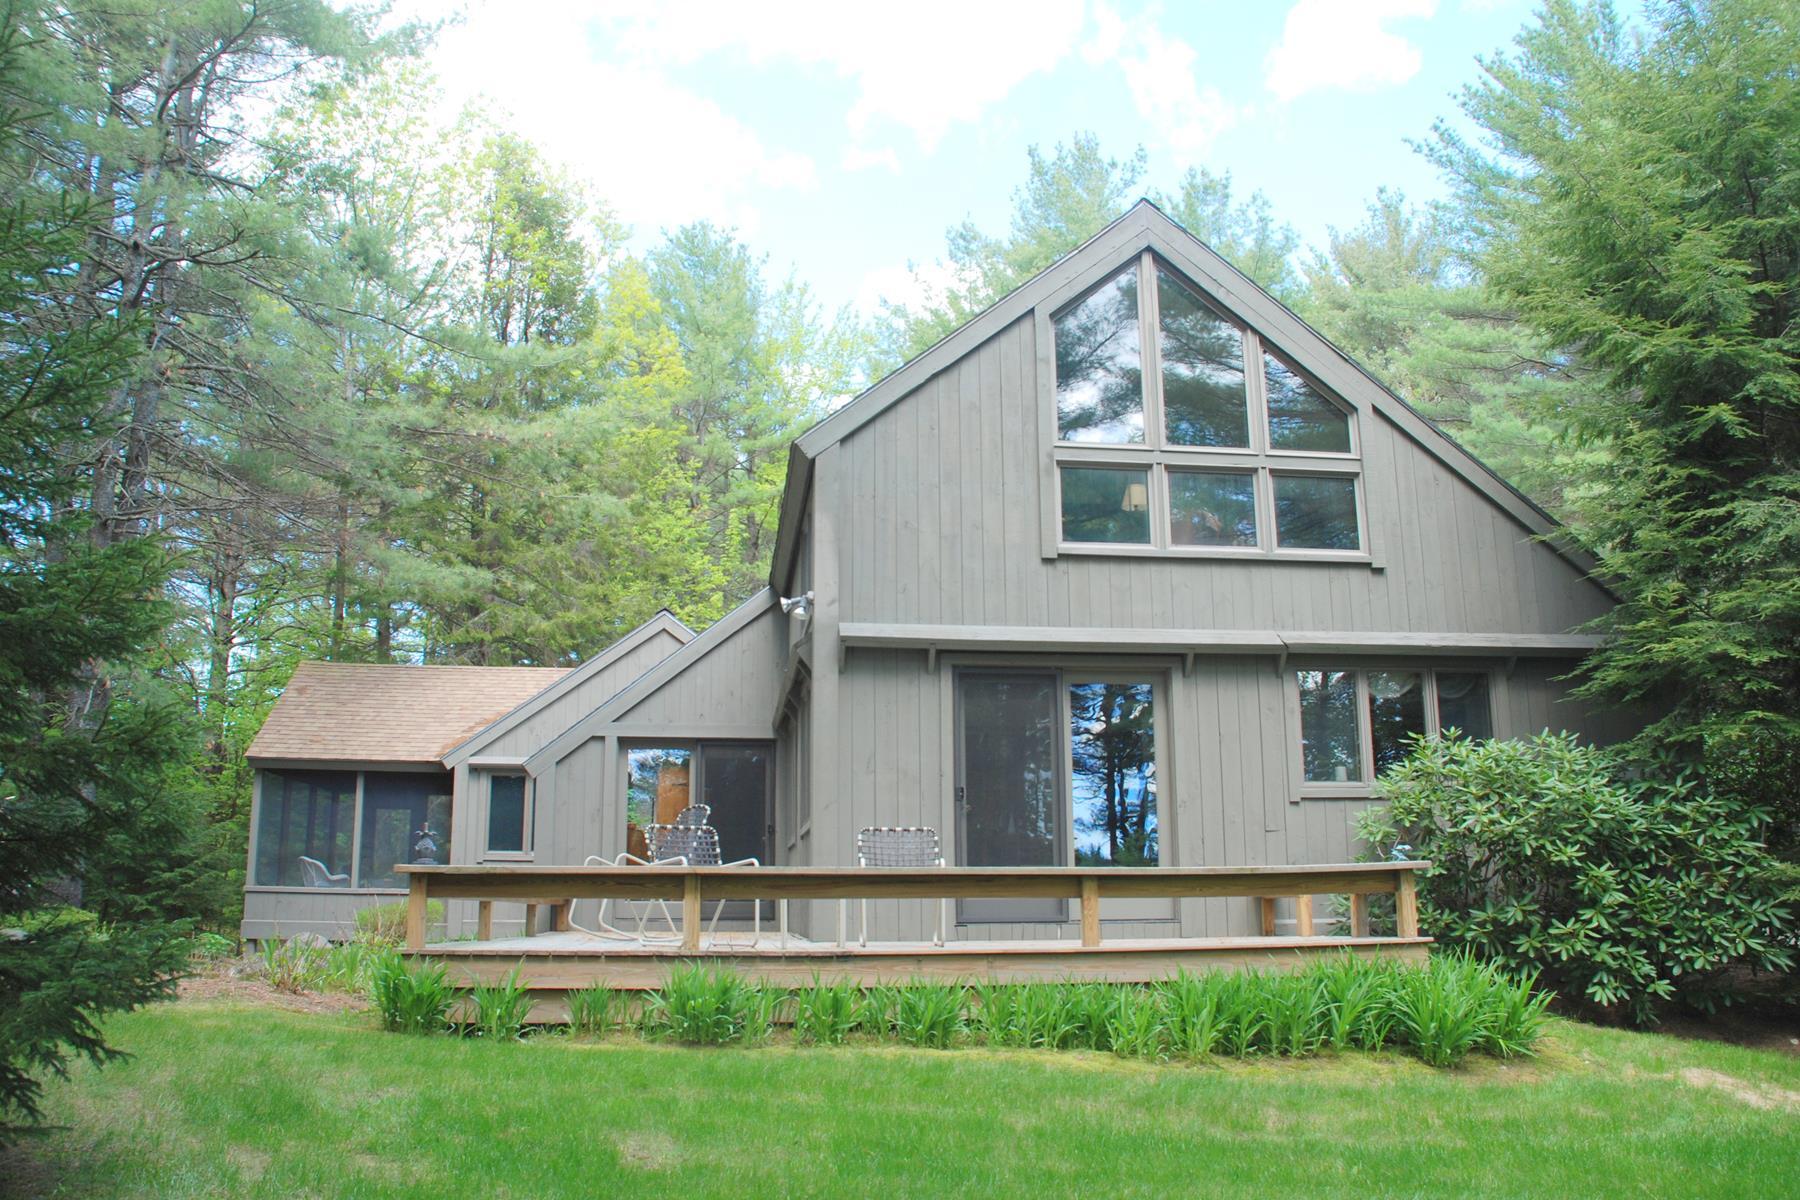 Maison unifamiliale pour l Vente à 1312 Little Sunapee Road, New London 1312 Little Sunapee Rd New London, New Hampshire, 03257 États-Unis